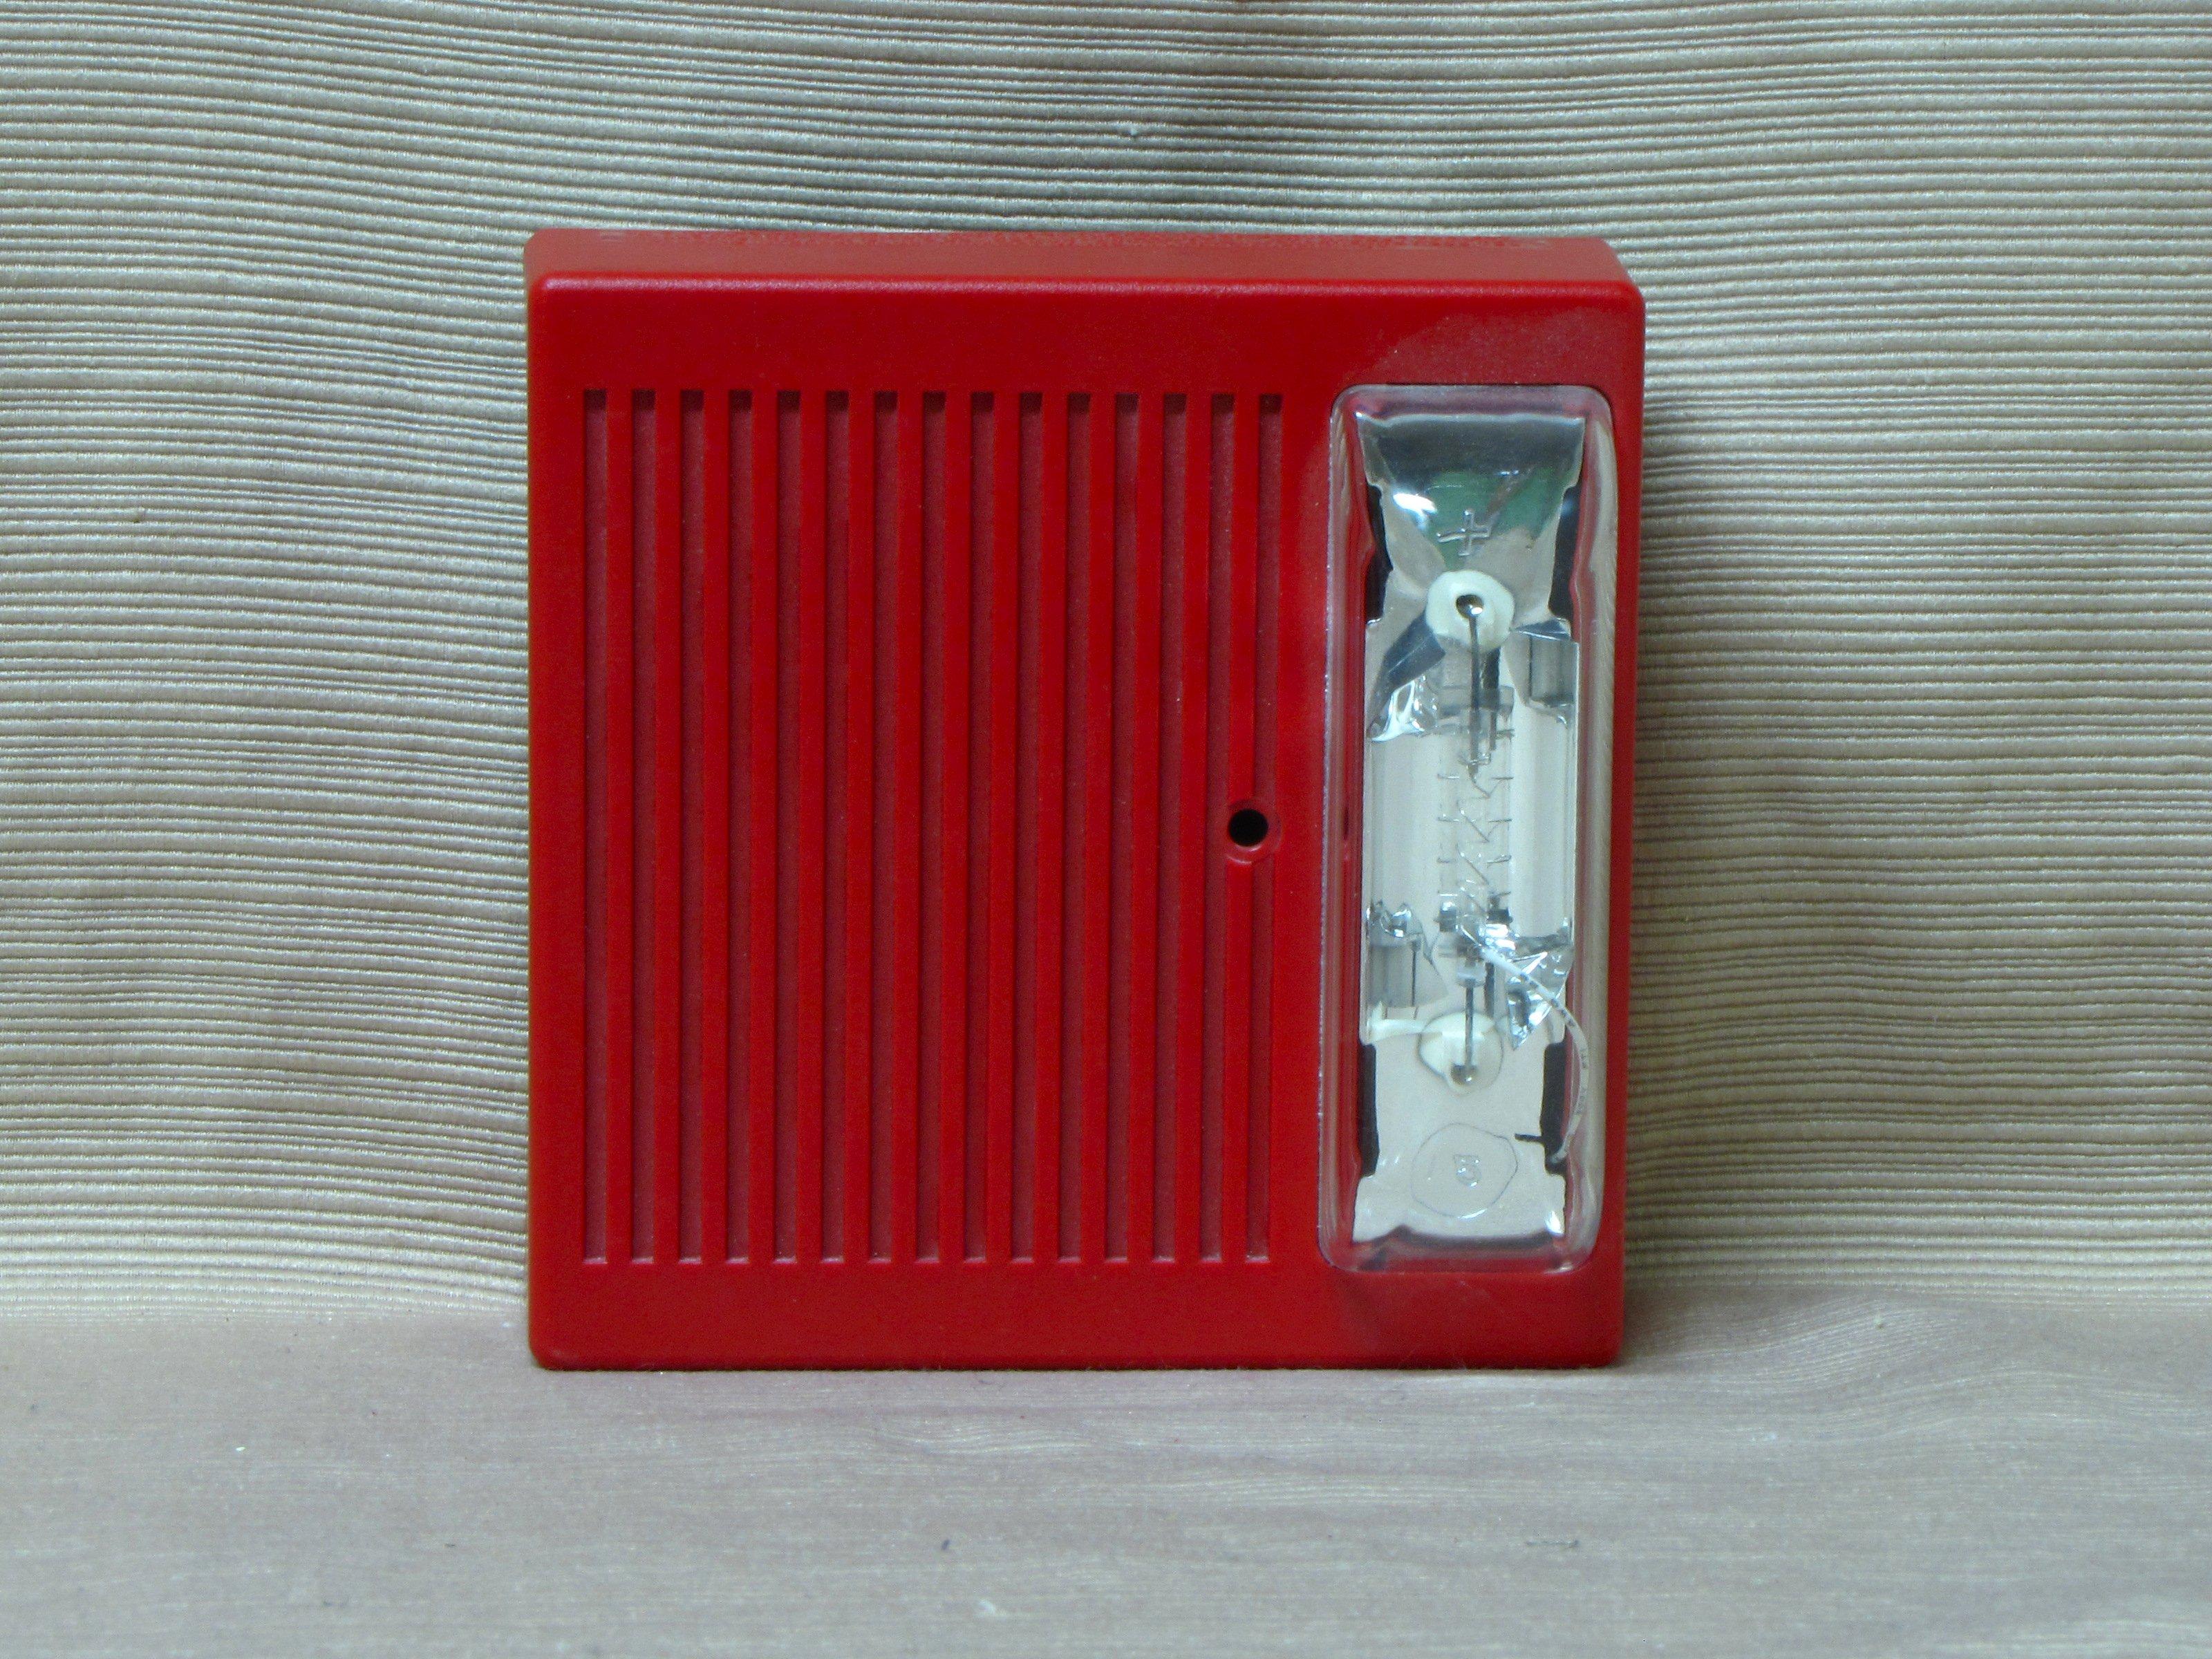 Wheelock 24VDC Horn Strobe Model HSRC Ceiling-Mount Red  |Wheelock Fire Alarm Horn Strobe